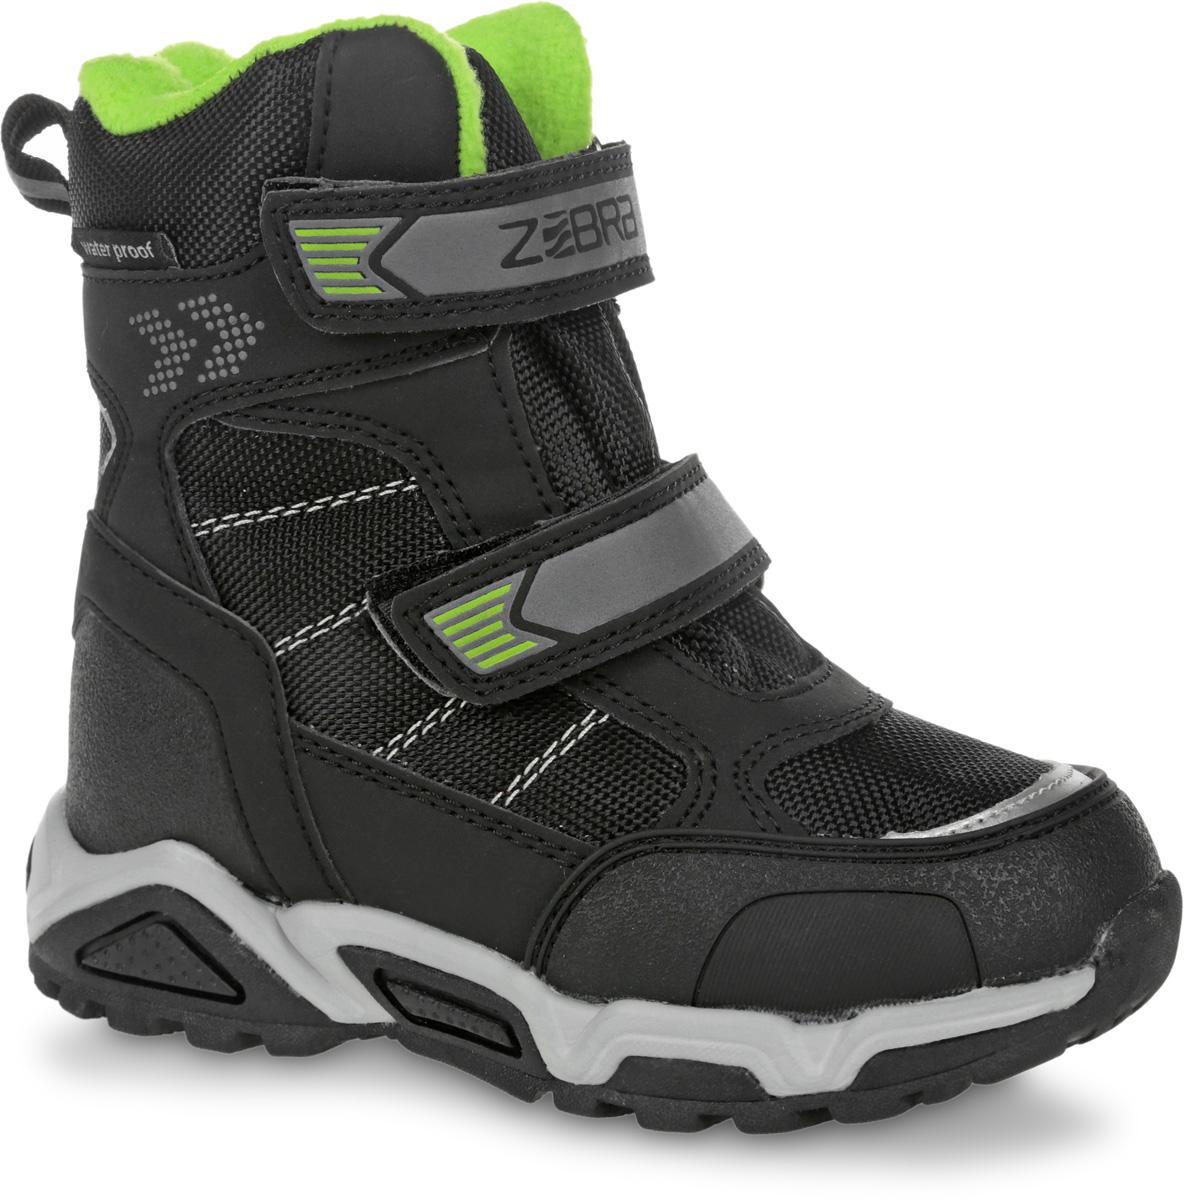 11017-1Полусапоги от Зебра выполнены из искусственной кожи и текстиля. Застежки-липучки надежно фиксируют изделие на ноге. Мягкая подкладка и стелька из шерсти обеспечивают тепло, циркуляцию воздуха и сохраняют комфортный микроклимат в обуви.